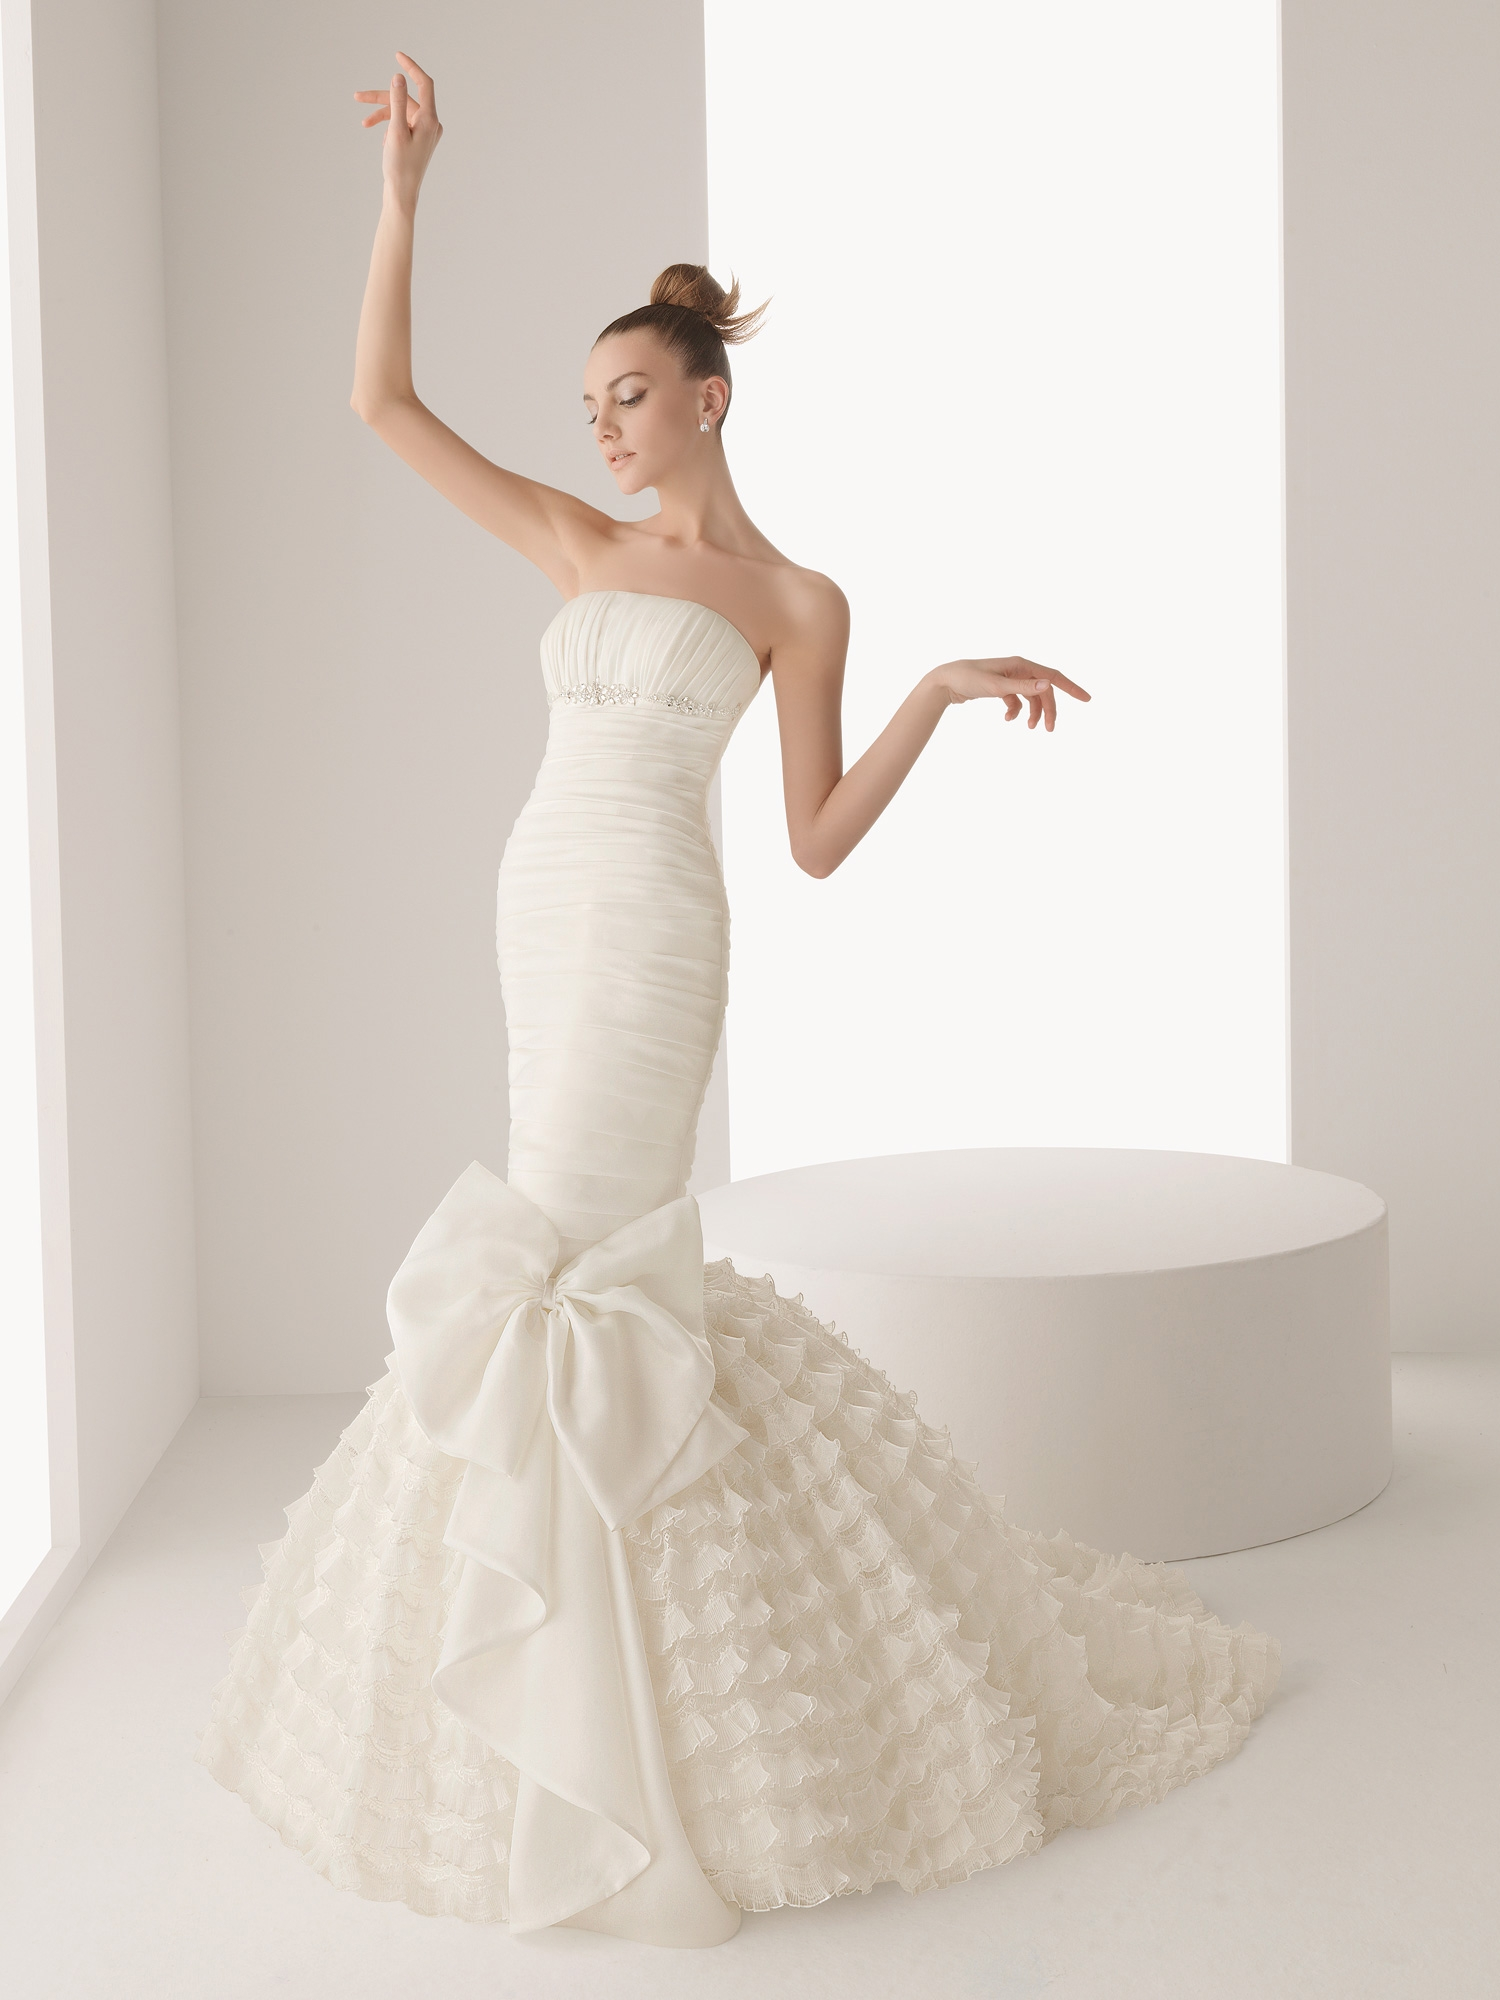 23 июн 2015 Свадебное платье цельное на корсетной основе. .